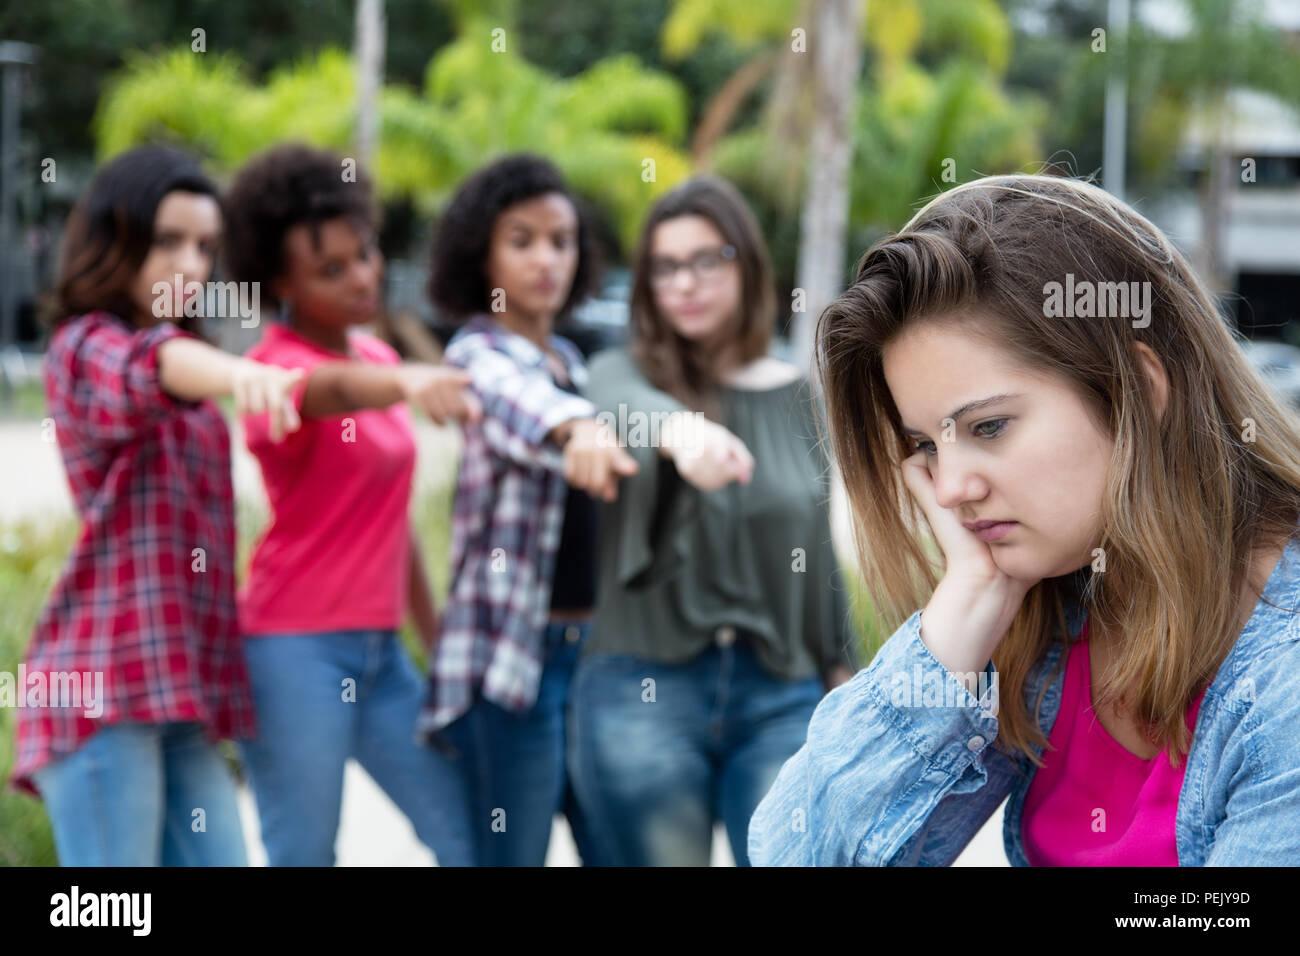 Nalisierte Mädchen